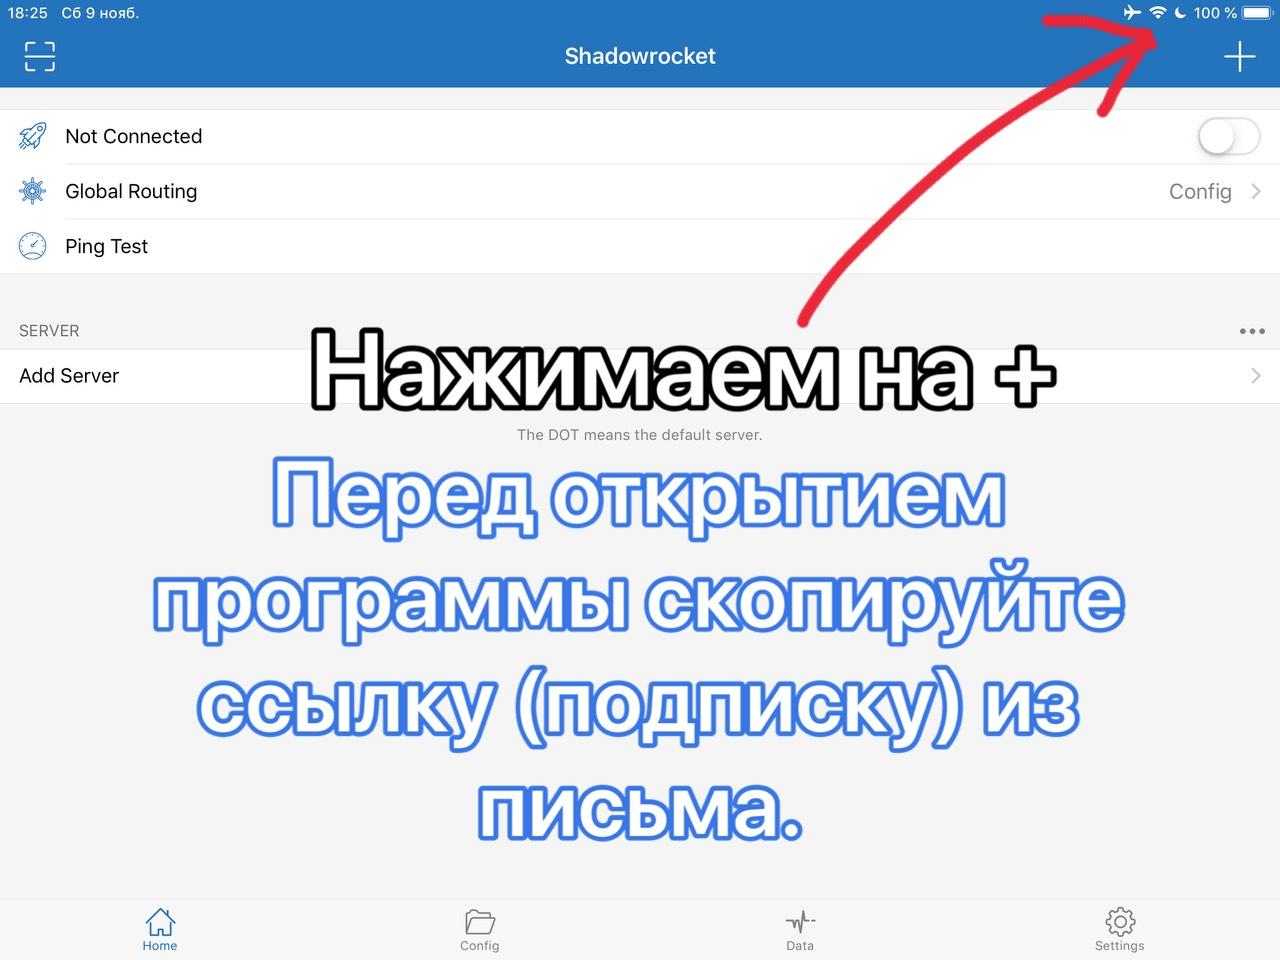 1. Скопируйте ссылку из письма.В приложении нажимаем  +